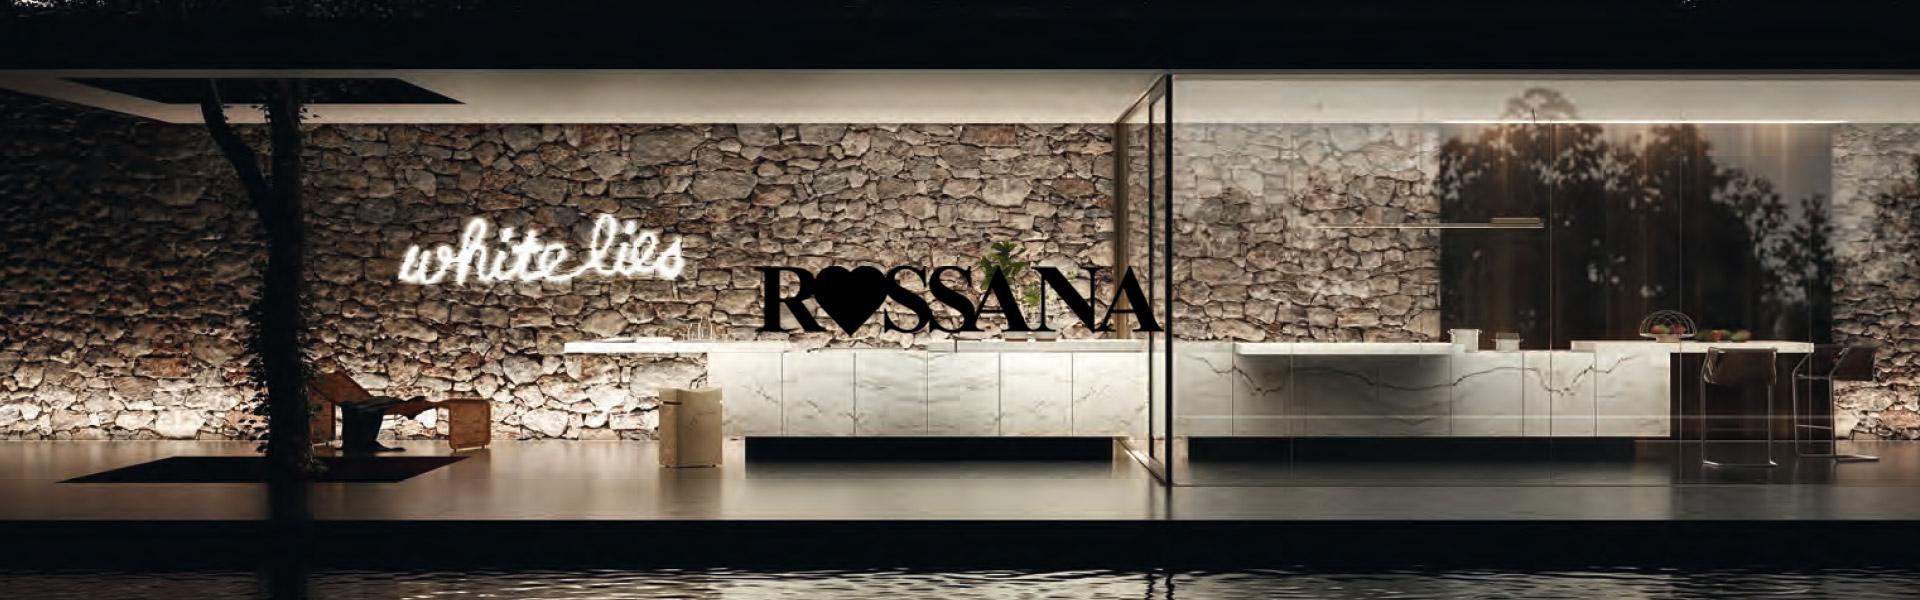 rossana-slide-brand